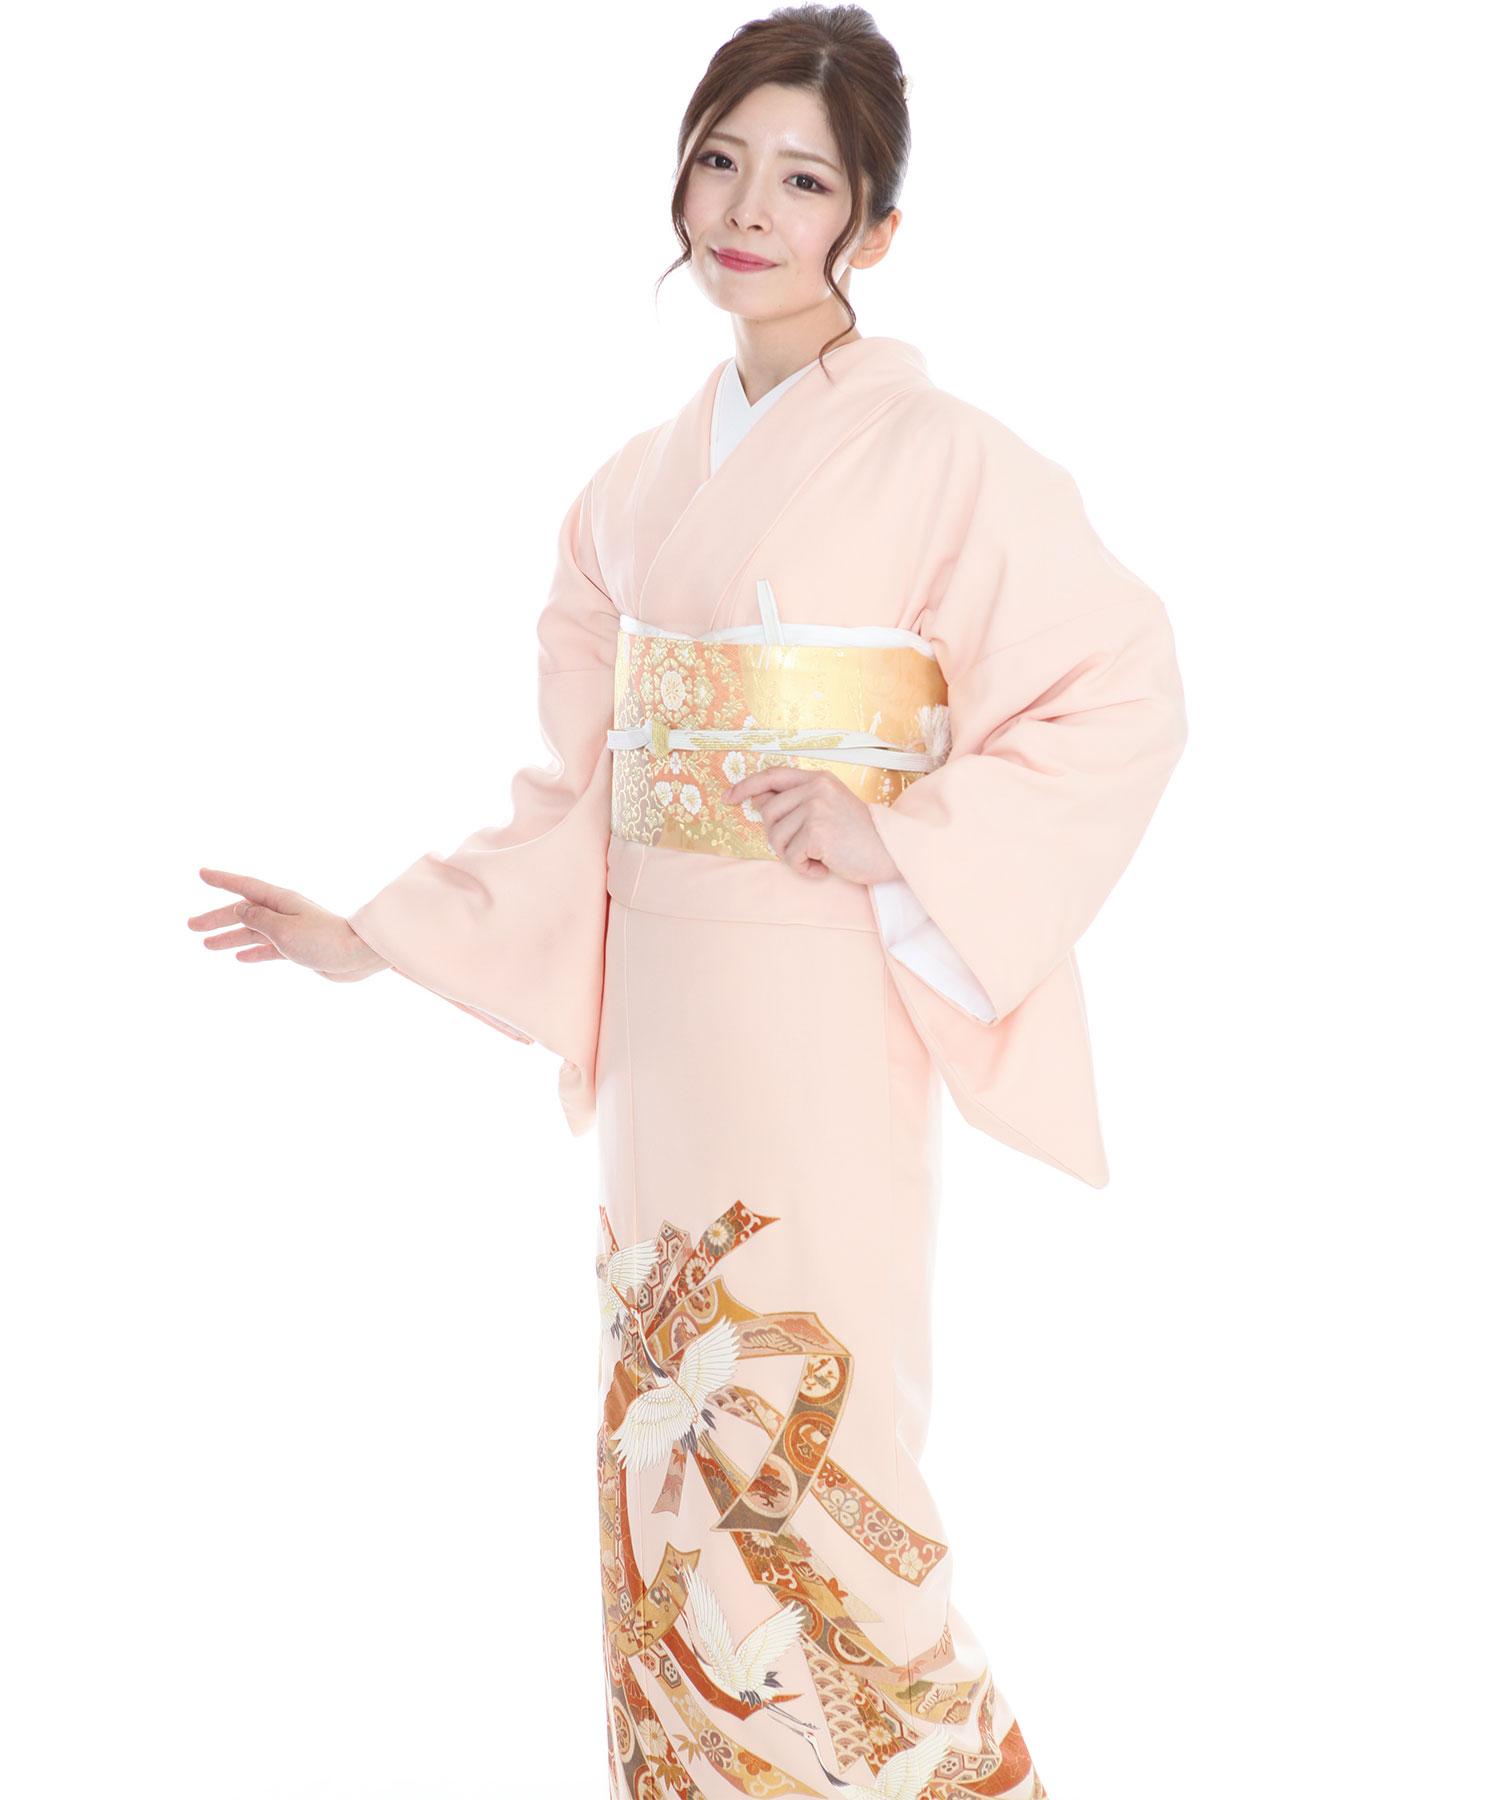 色留袖レンタル|薄ピンク地に束ね熨斗と鶴